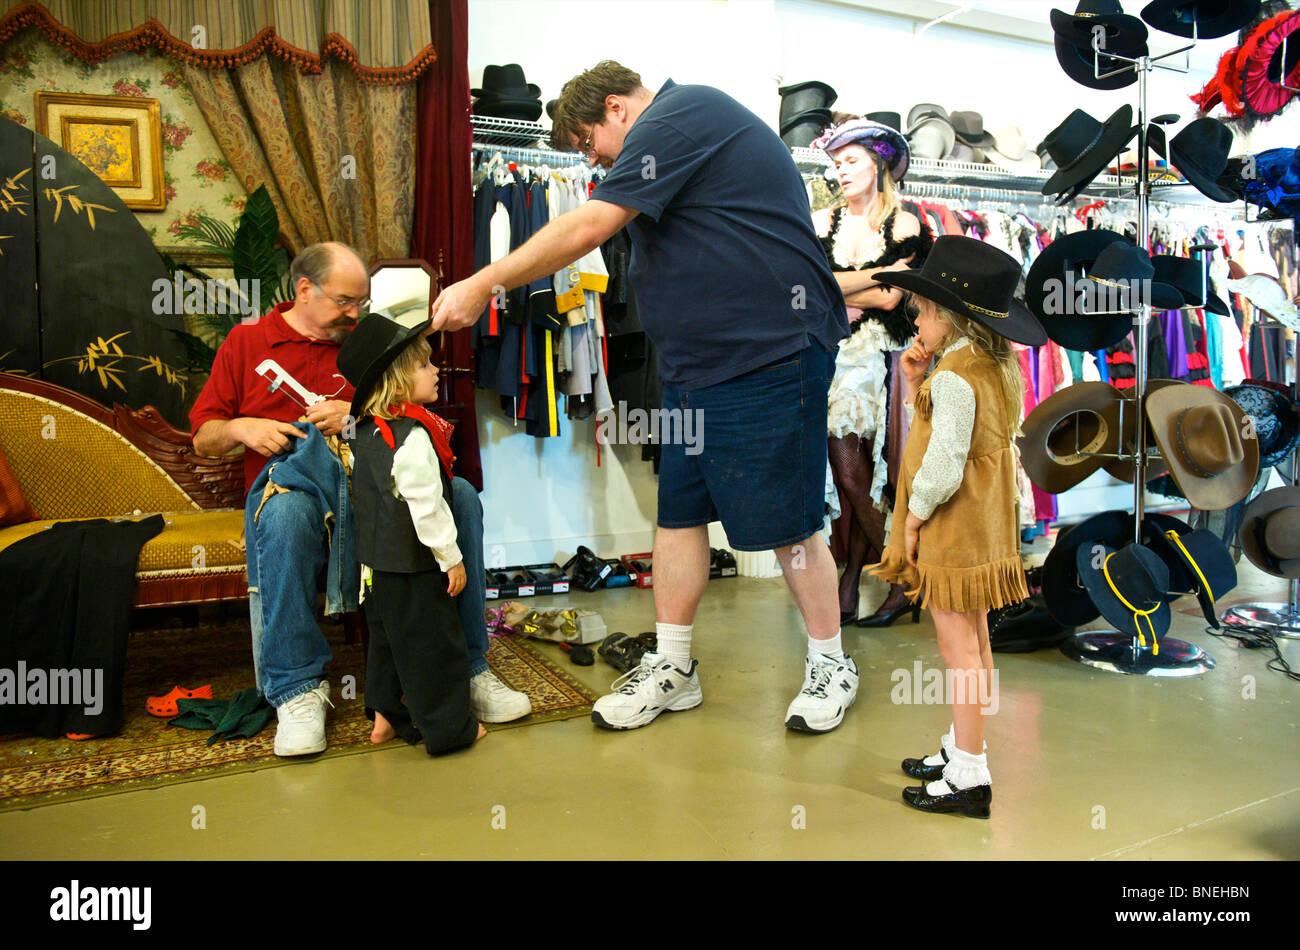 La familia turística preparándose en ropa de estilo occidental en Wildwest para fotos en Galveston, EE.UU. Foto de stock